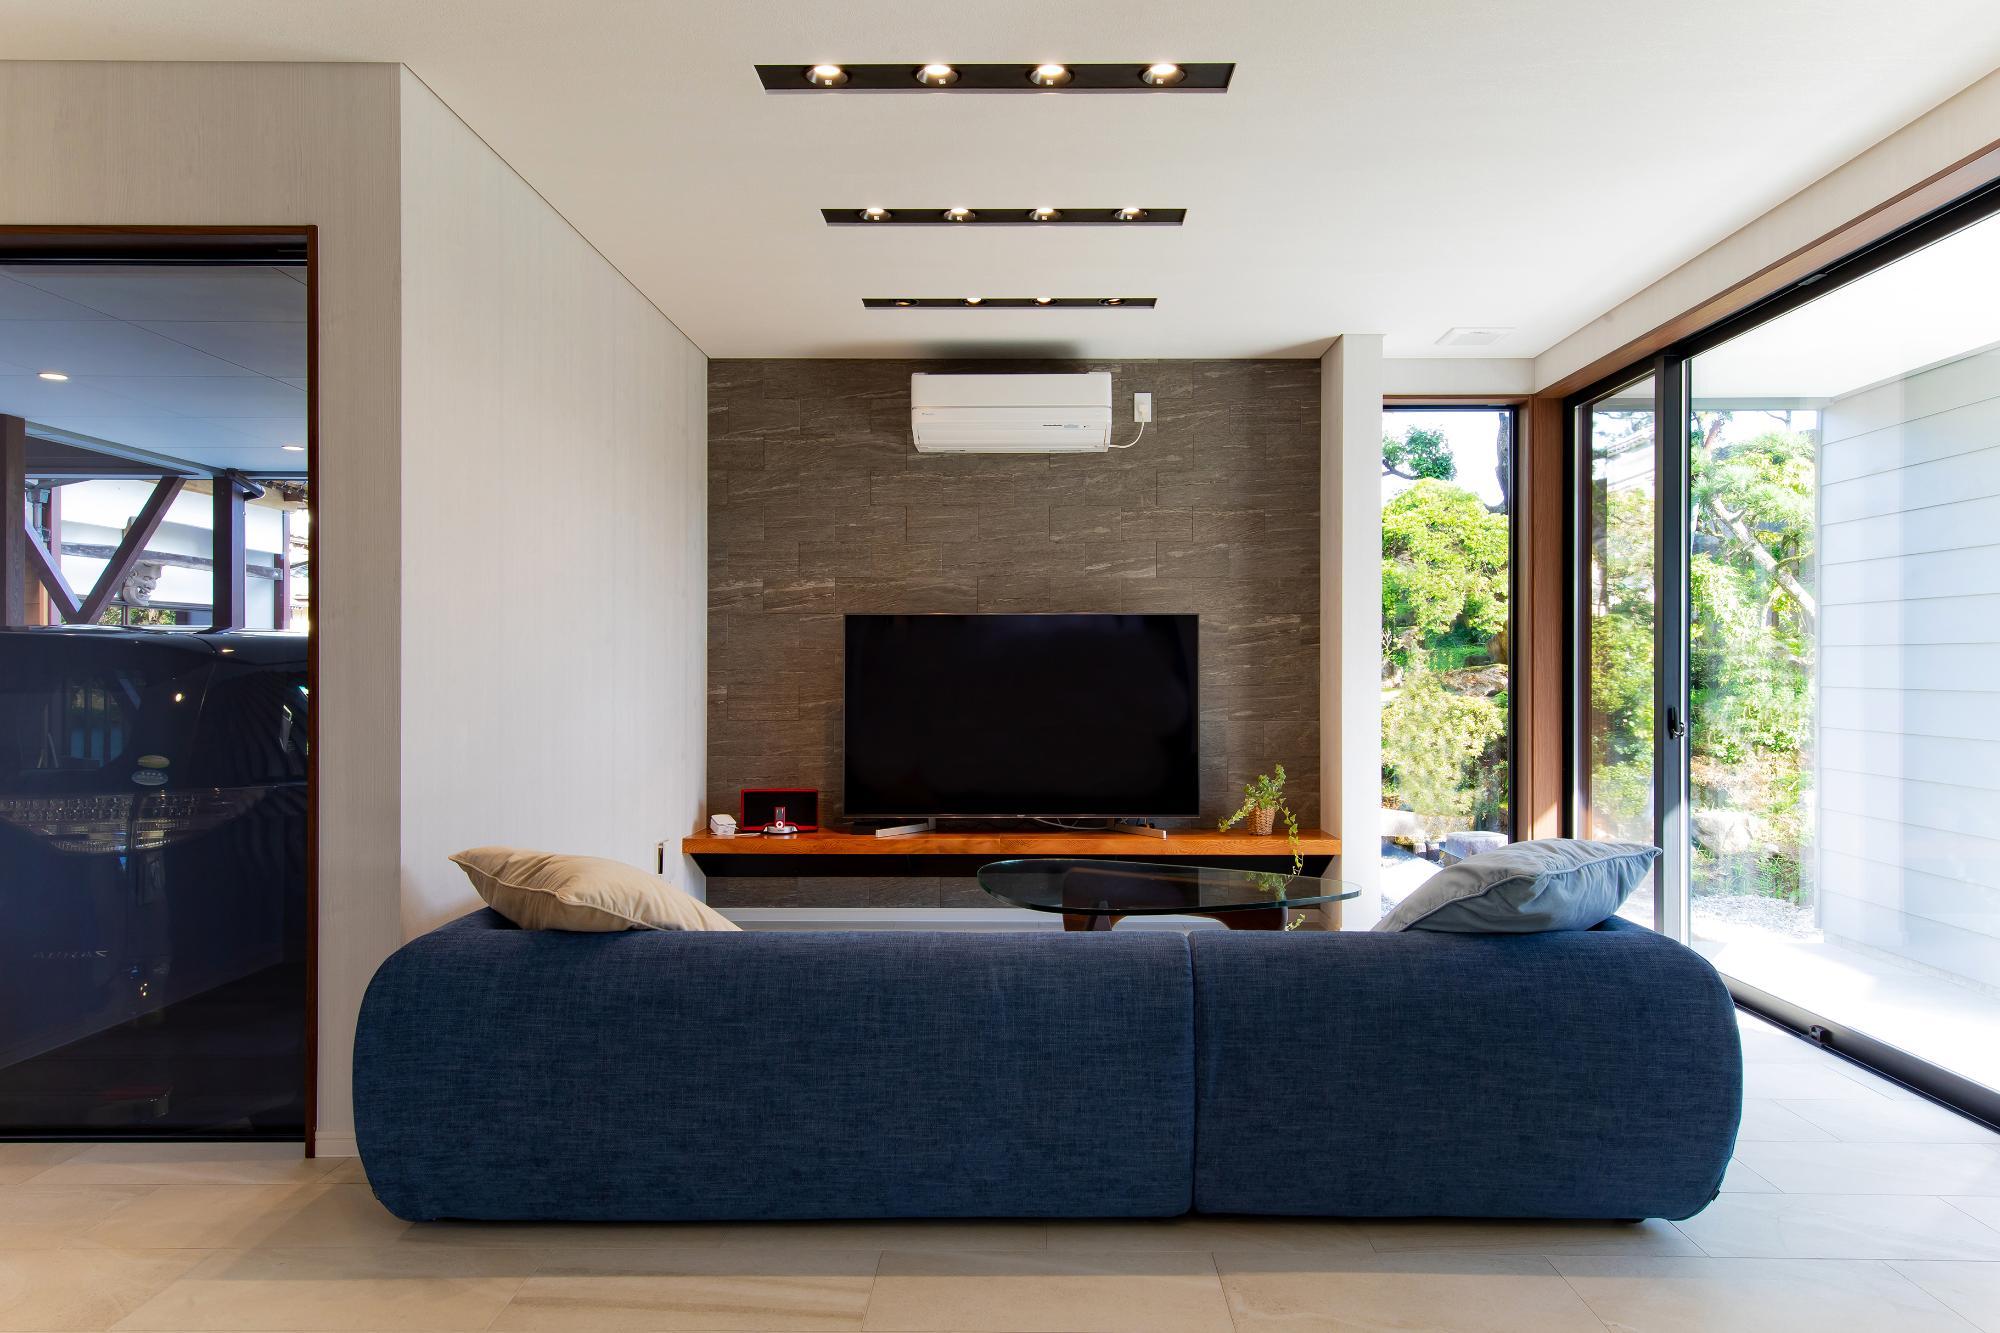 住み継げる住まいの提案 archi laboコンセプトハウスの写真6